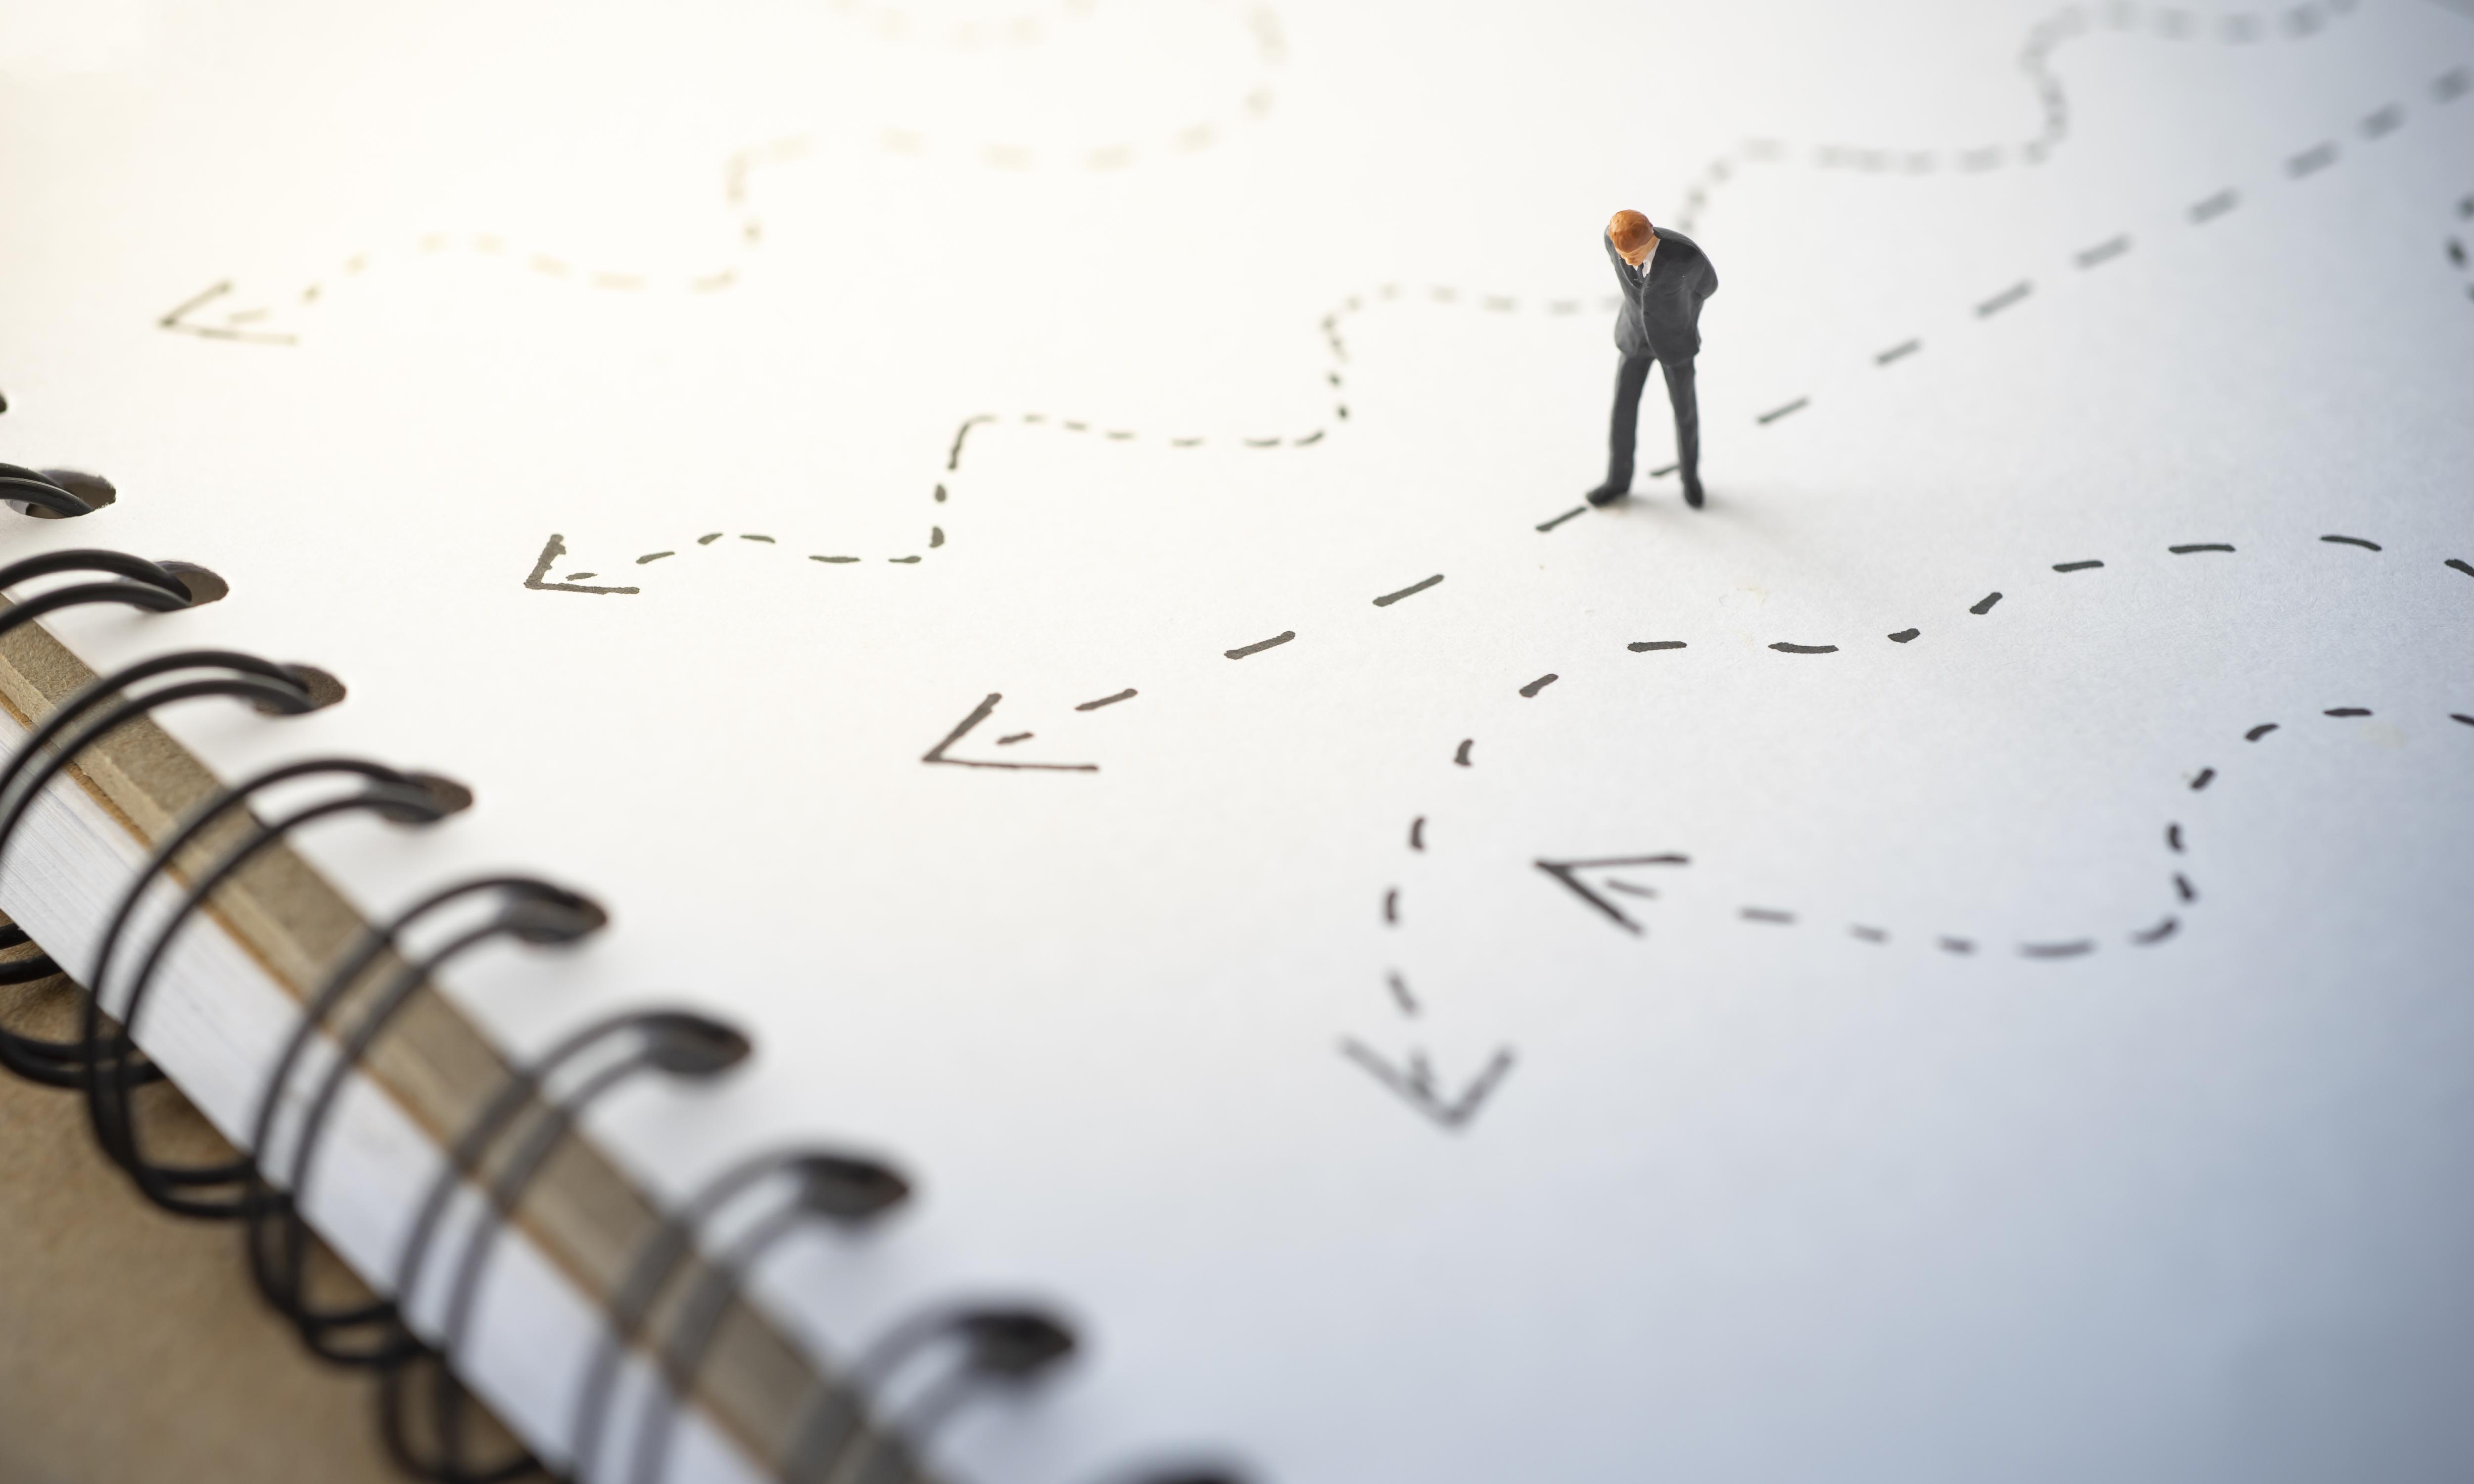 ao tirar férias o empreendedor toma melhores decisões